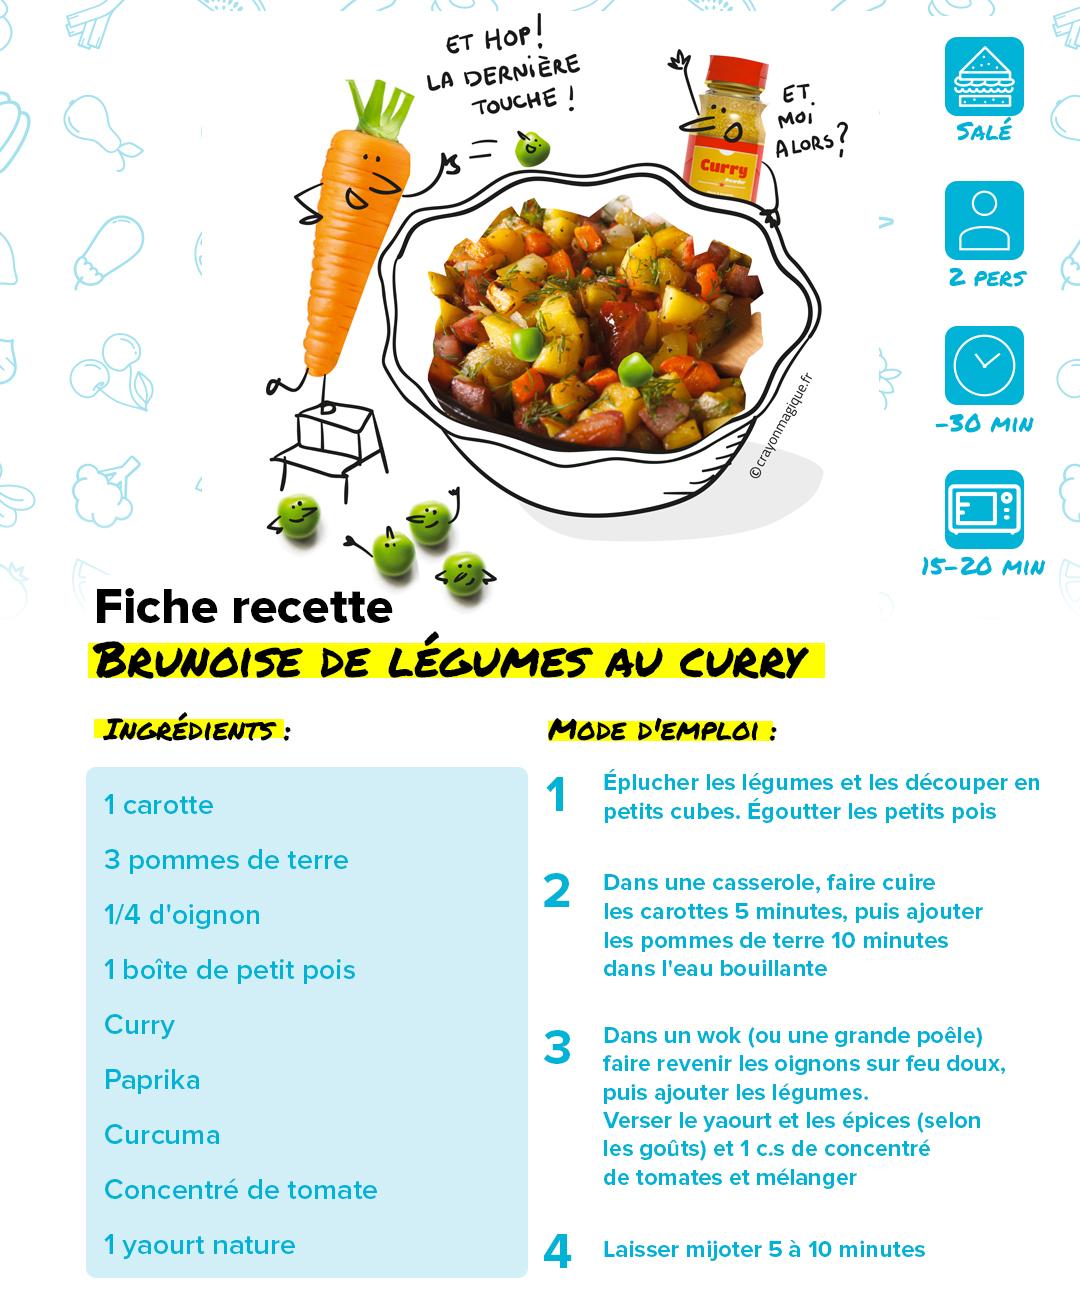 Brunoise de légumes au curry